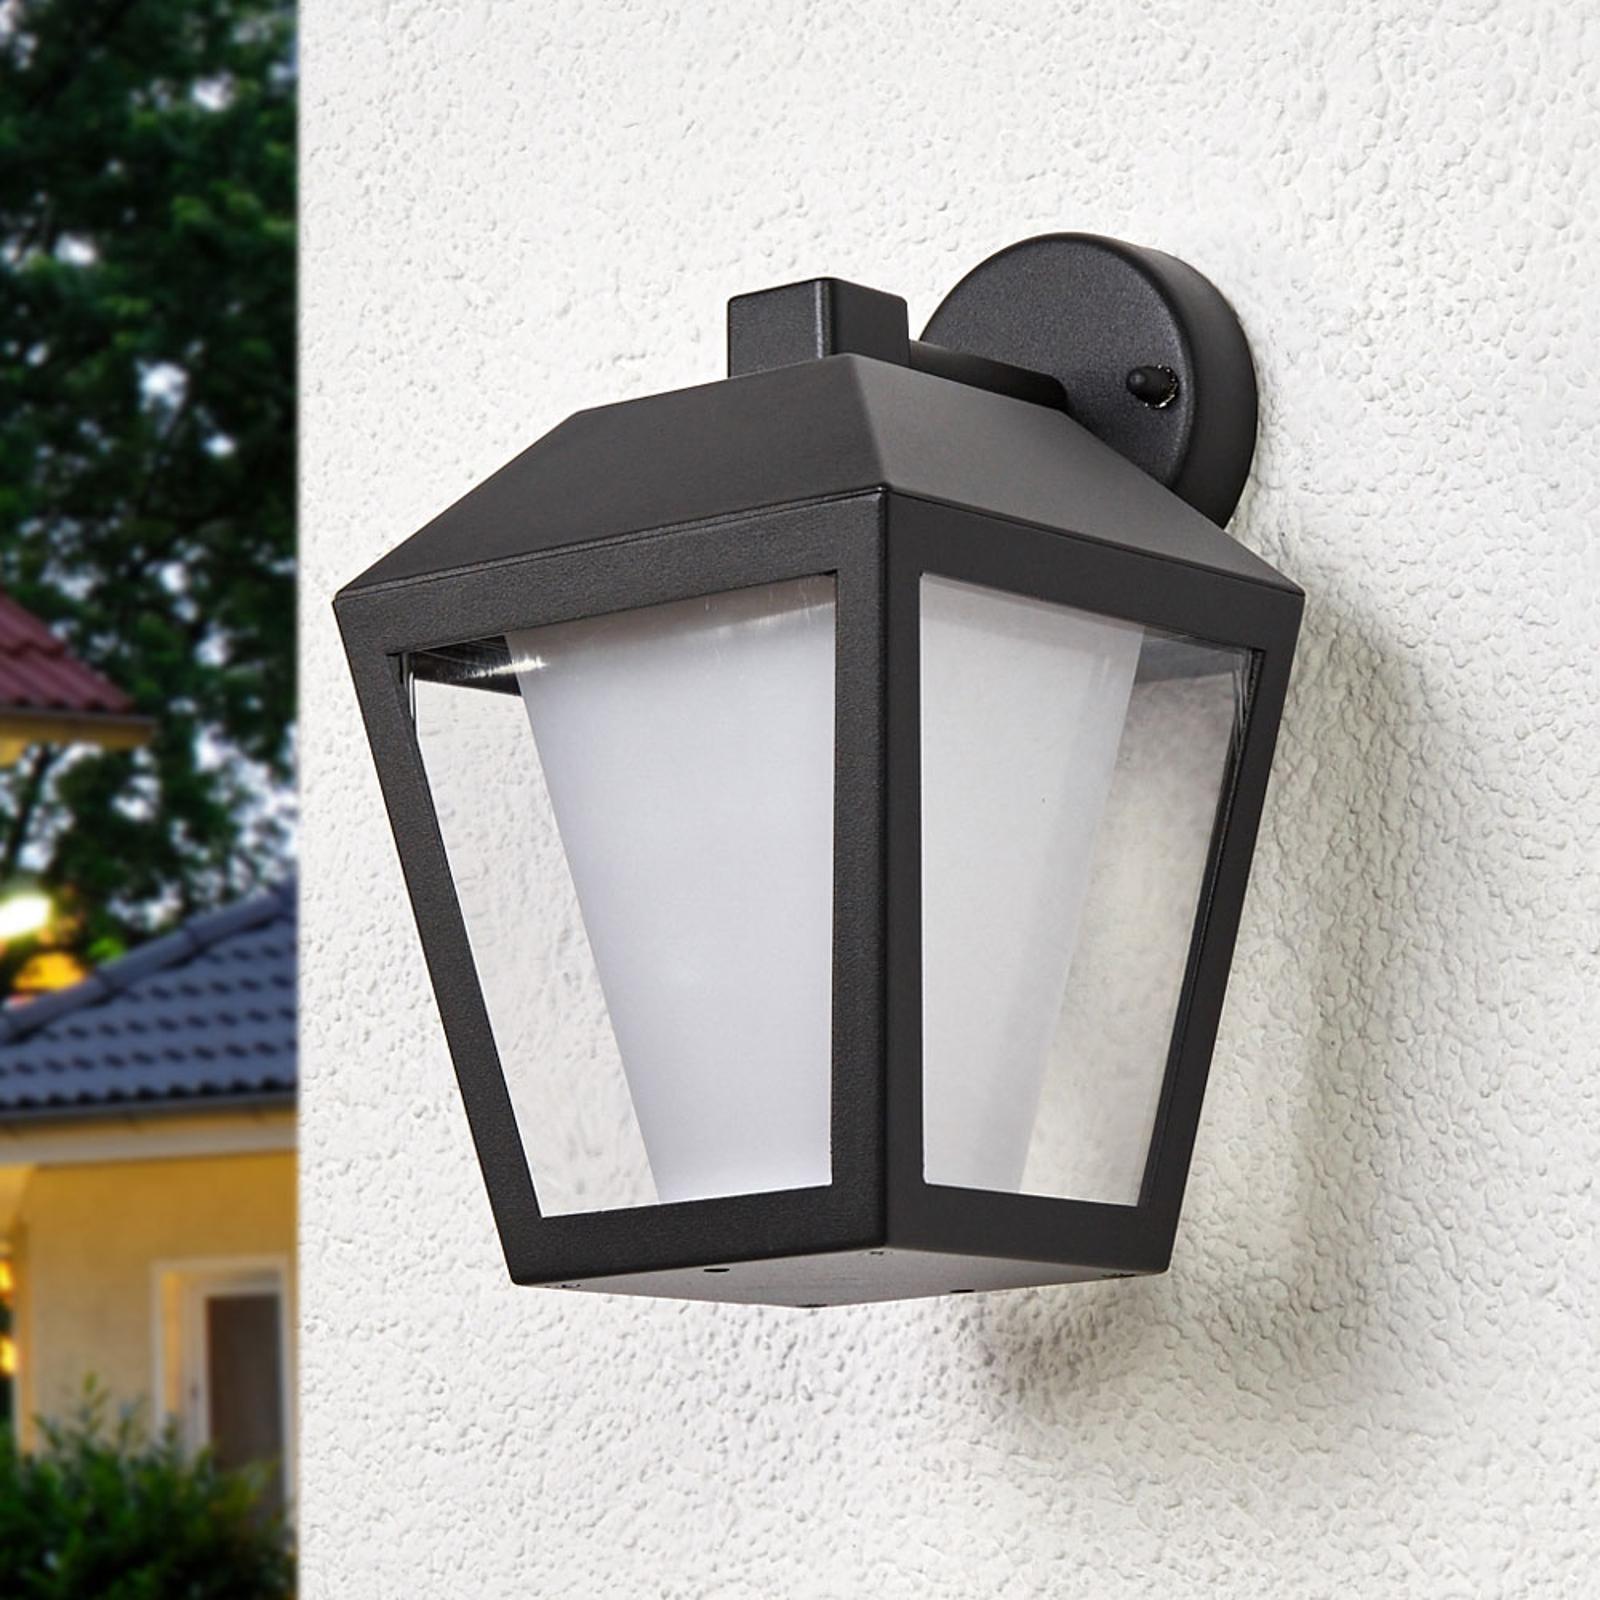 Applique d'extérieur LED foncée Keralyn